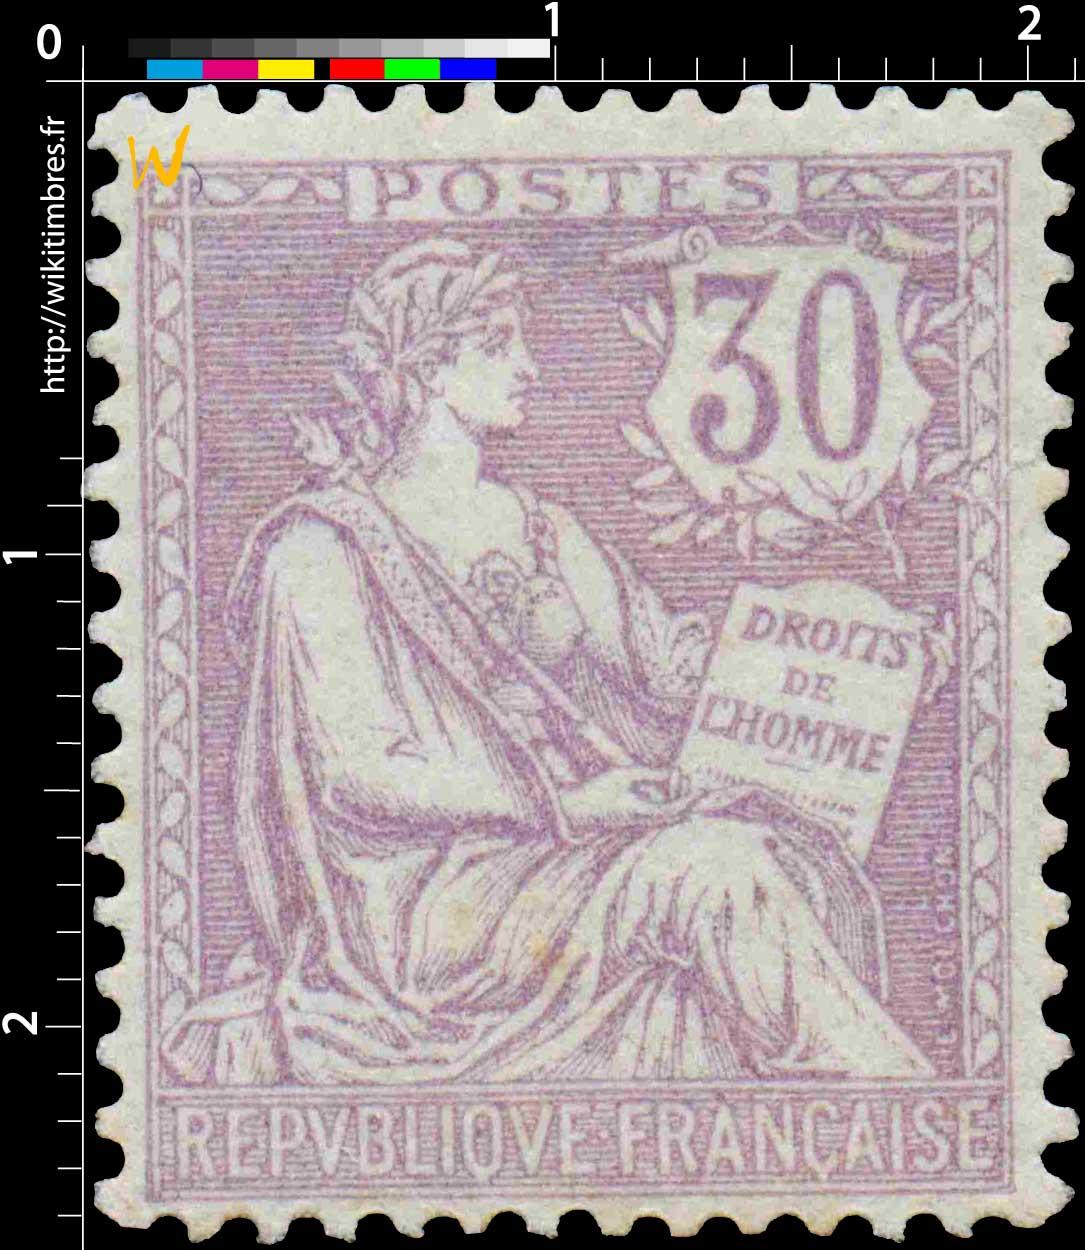 DROITS DE L'HOMME - type Mouchon